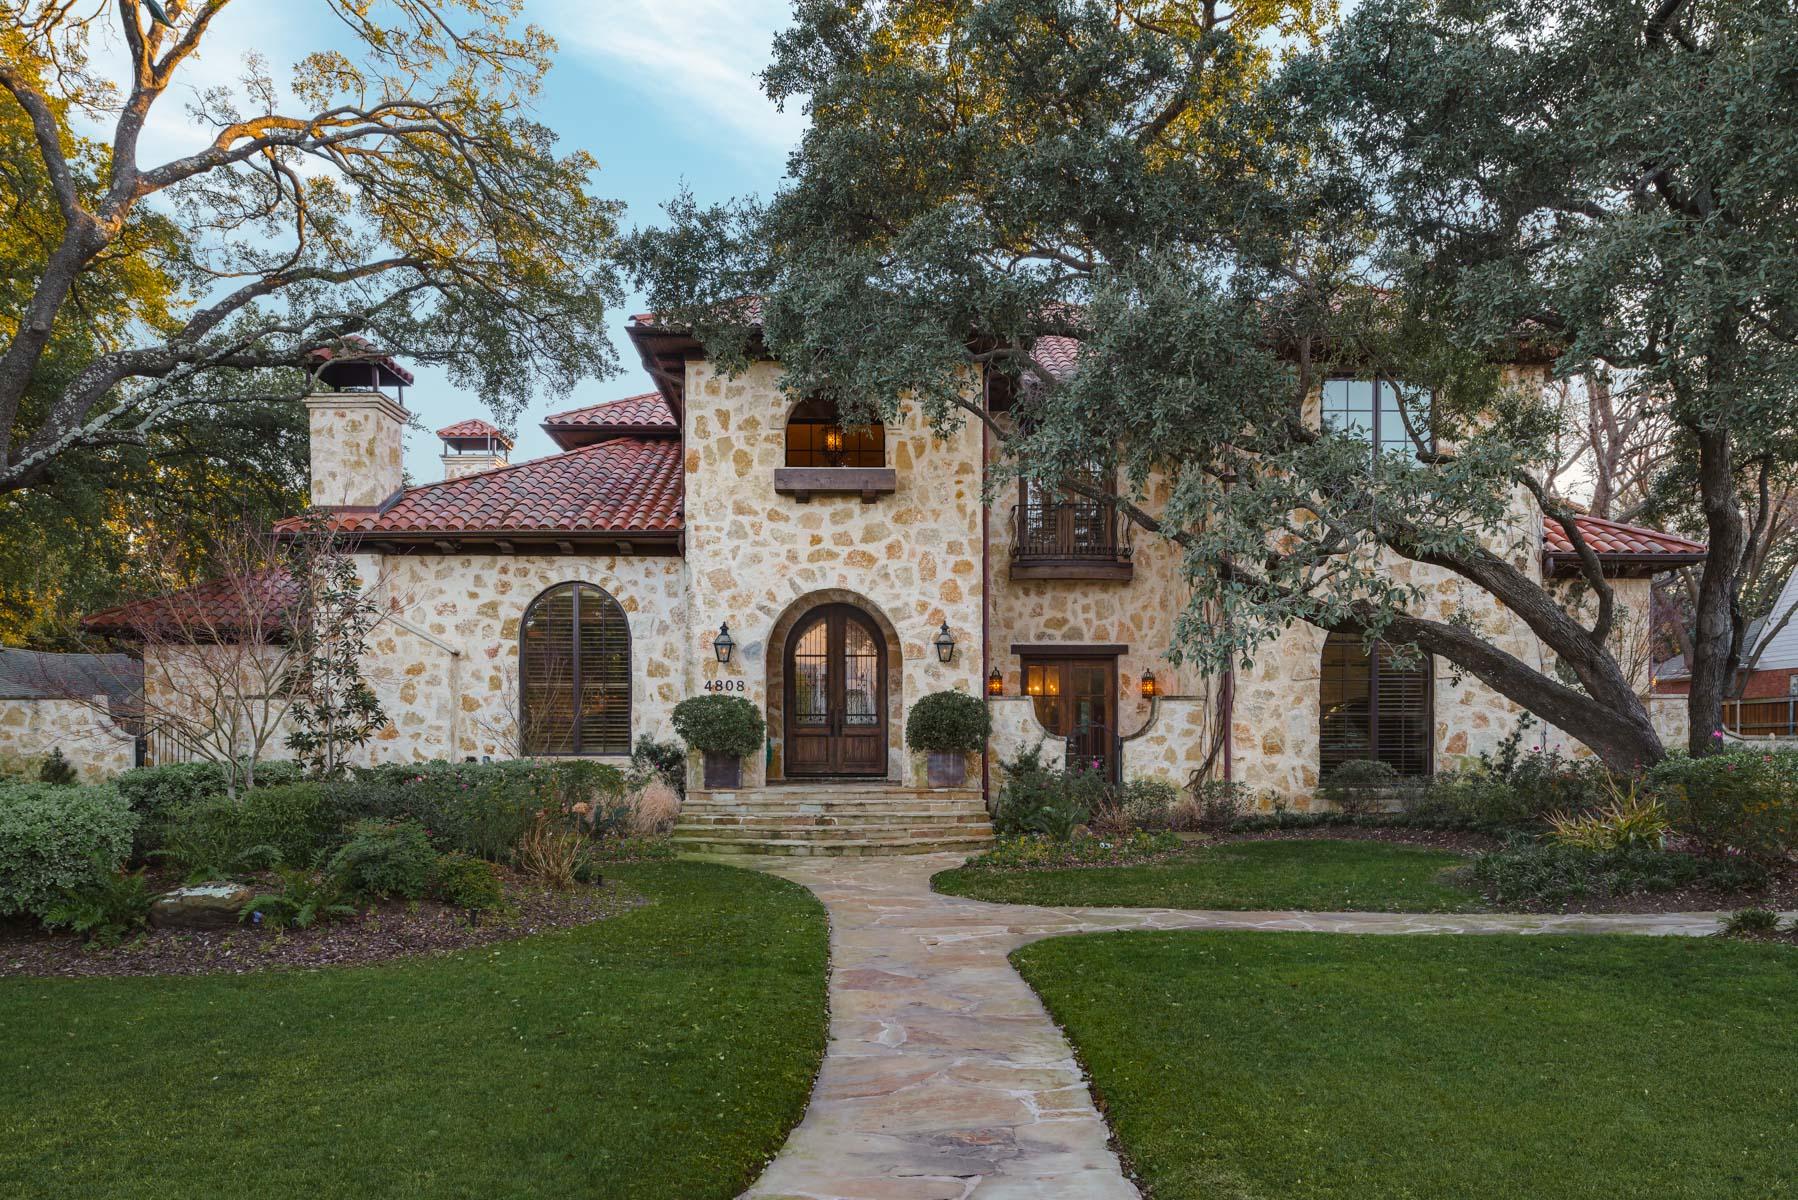 Частный односемейный дом для того Продажа на Mediterranean Preston Hollow Home 4808 Melissa Lane Dallas, Техас, 75229 Соединенные Штаты